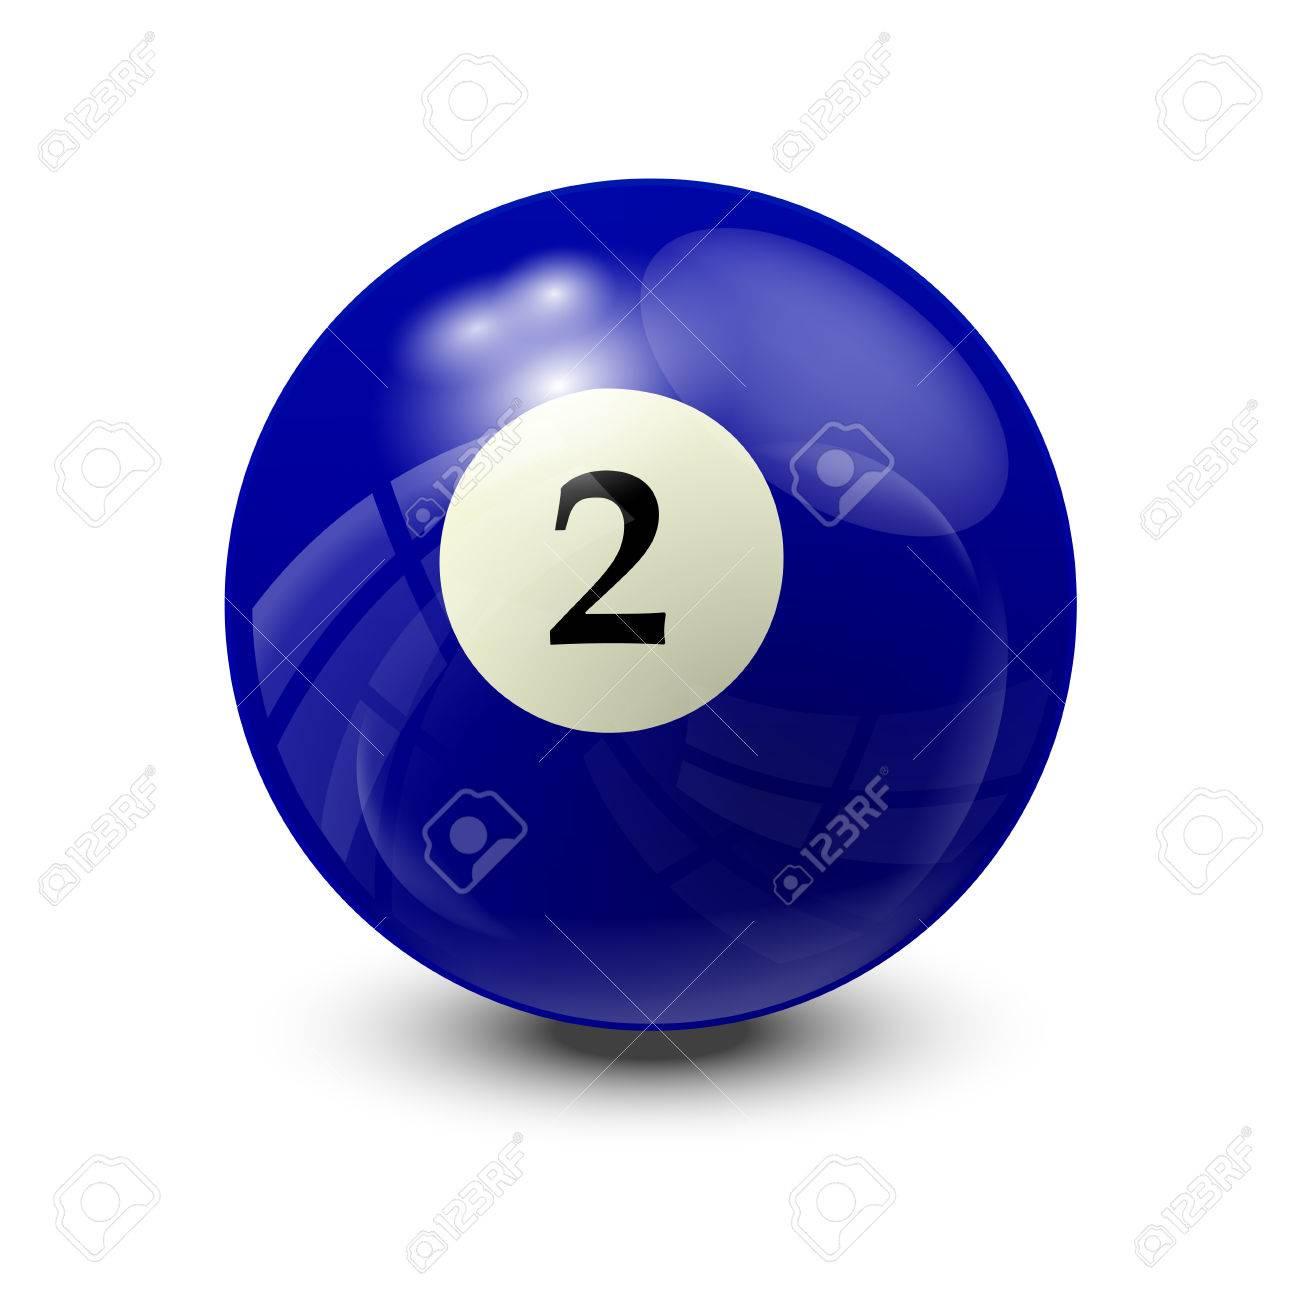 La Bola De Billar 2 Diseño Realista Del Vector Ilustraciones Vectoriales Clip Art Vectorizado Libre De Derechos Image 55453741